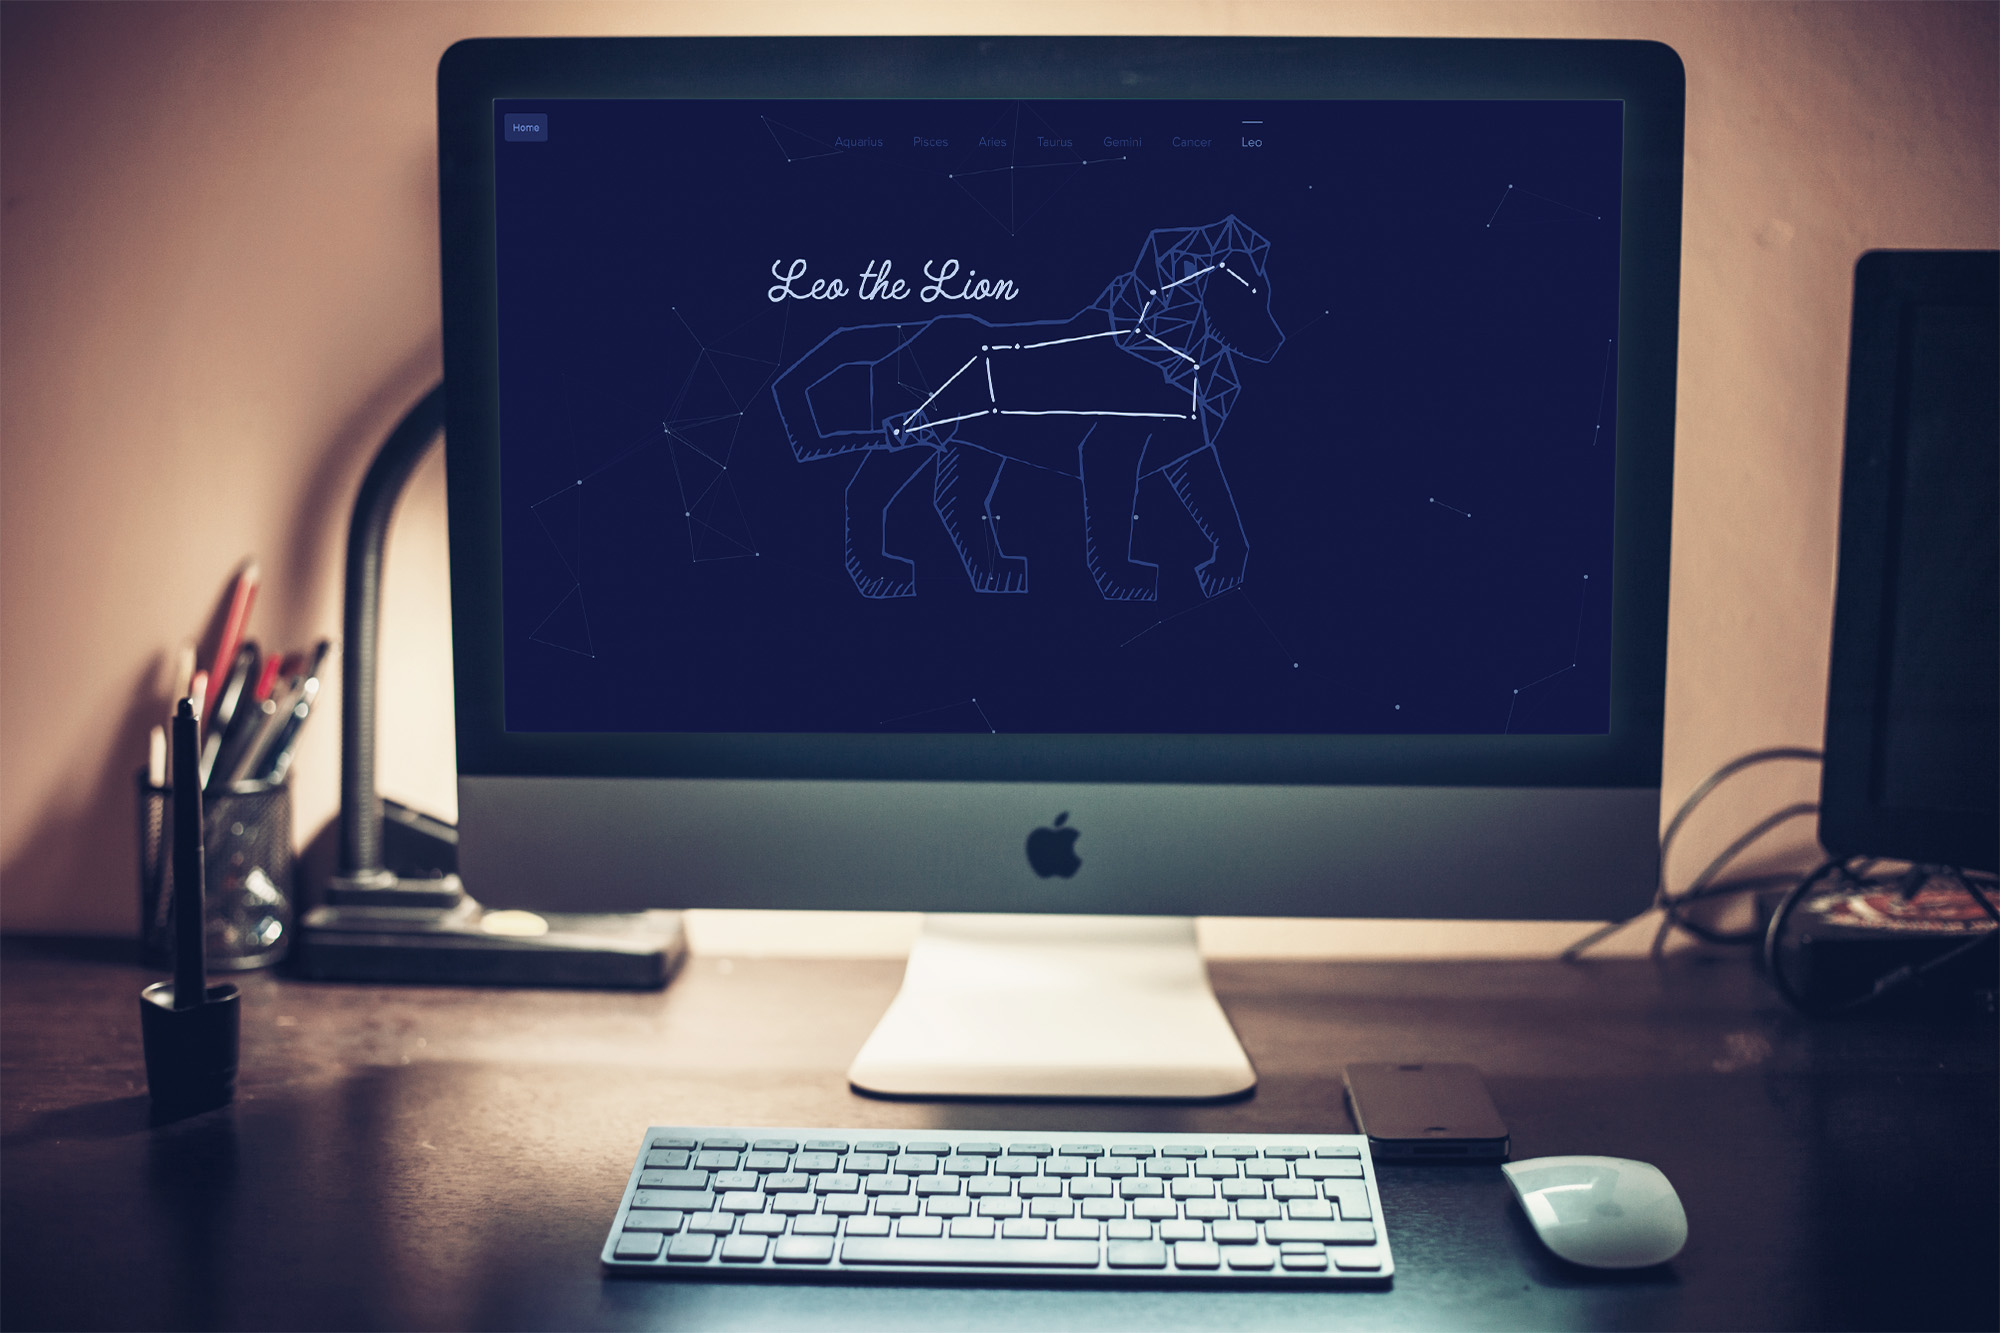 mac_mockup_desk.jpg